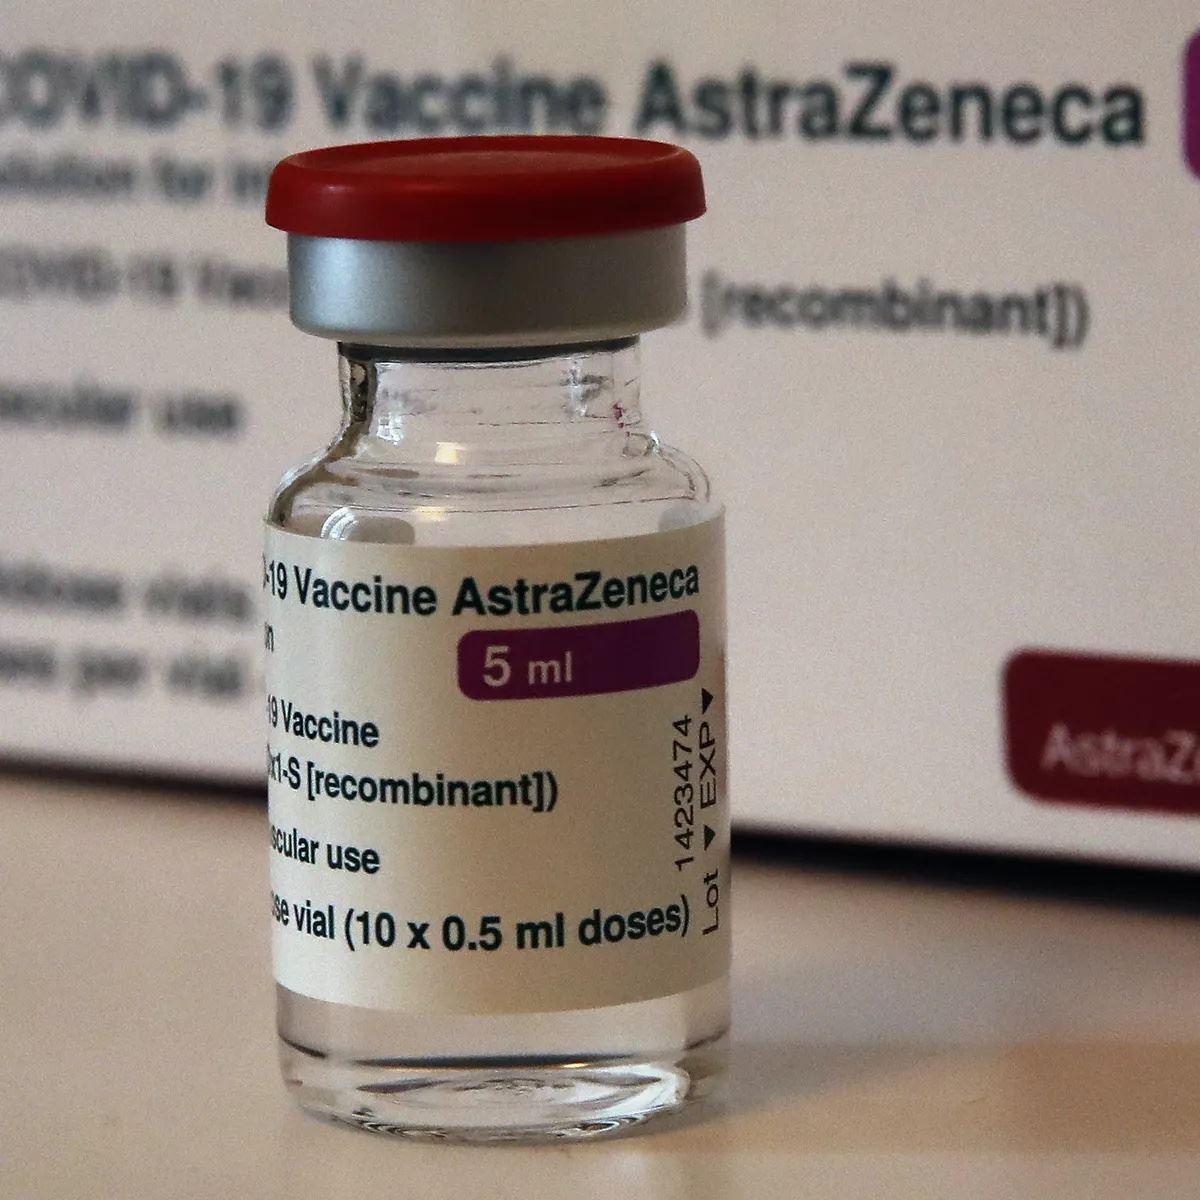 jika alami gejala berikut lepas suntikan astrazeneca, sila dapatkan rawatan segera